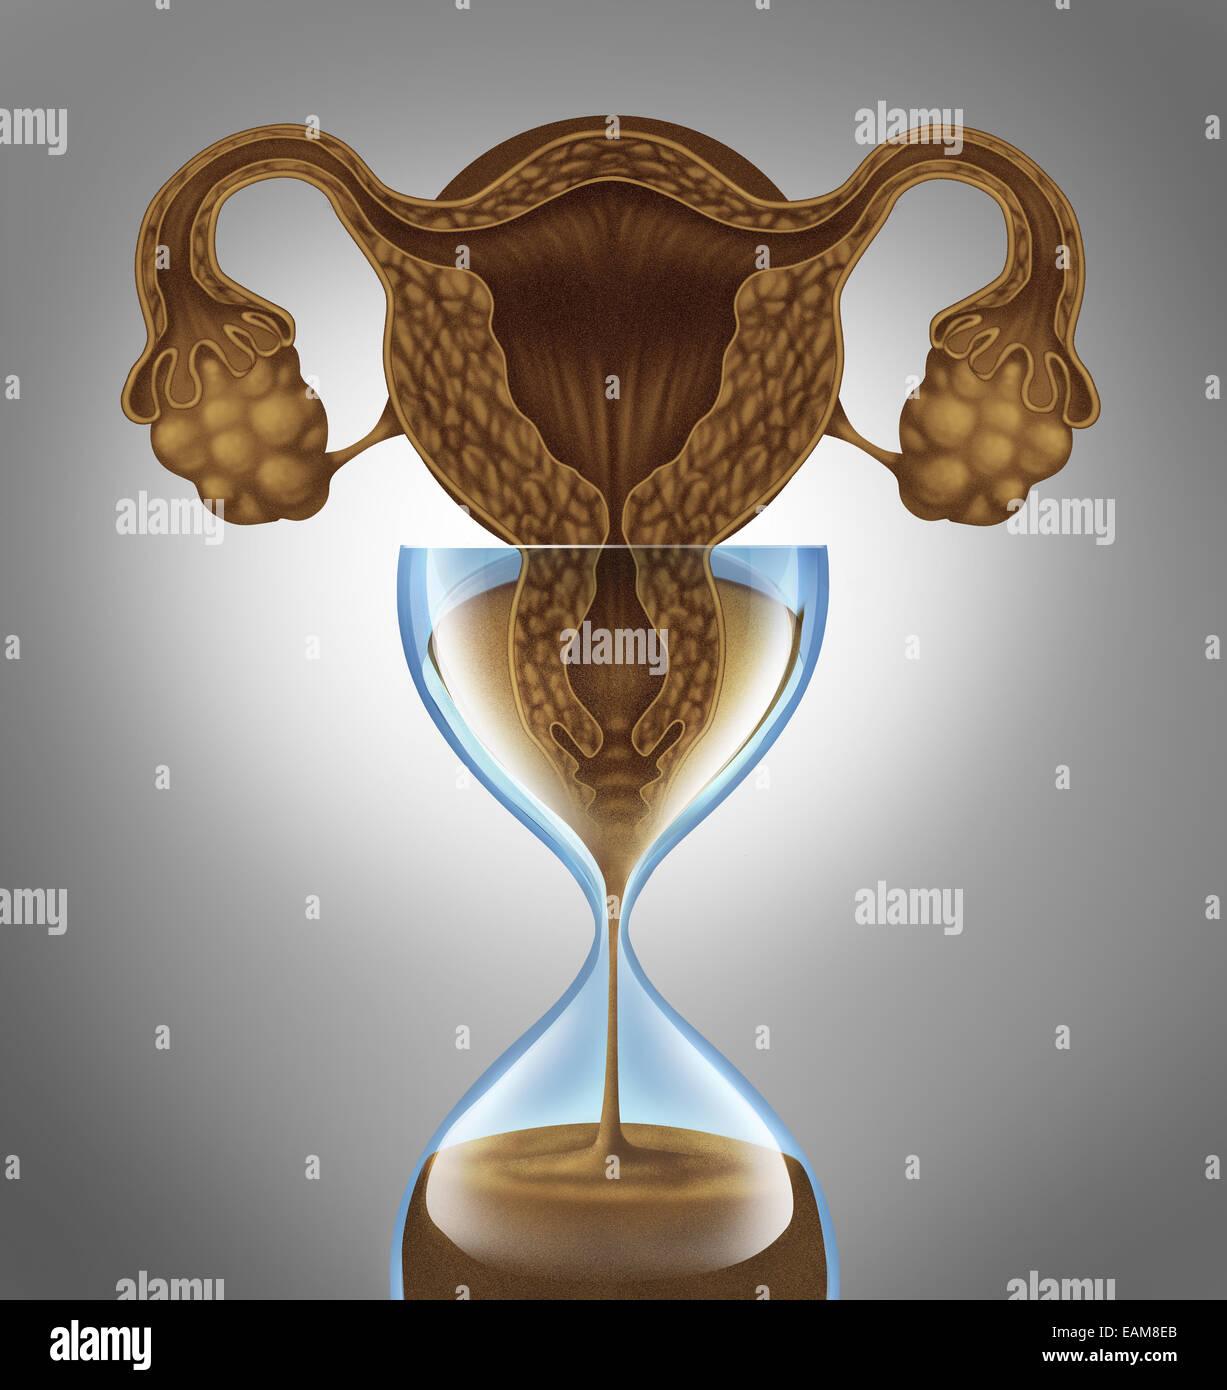 Femmina orologio biologico nozione come un utero e ovaie dall'anatomia di una donna come la caduta di sabbia Immagini Stock